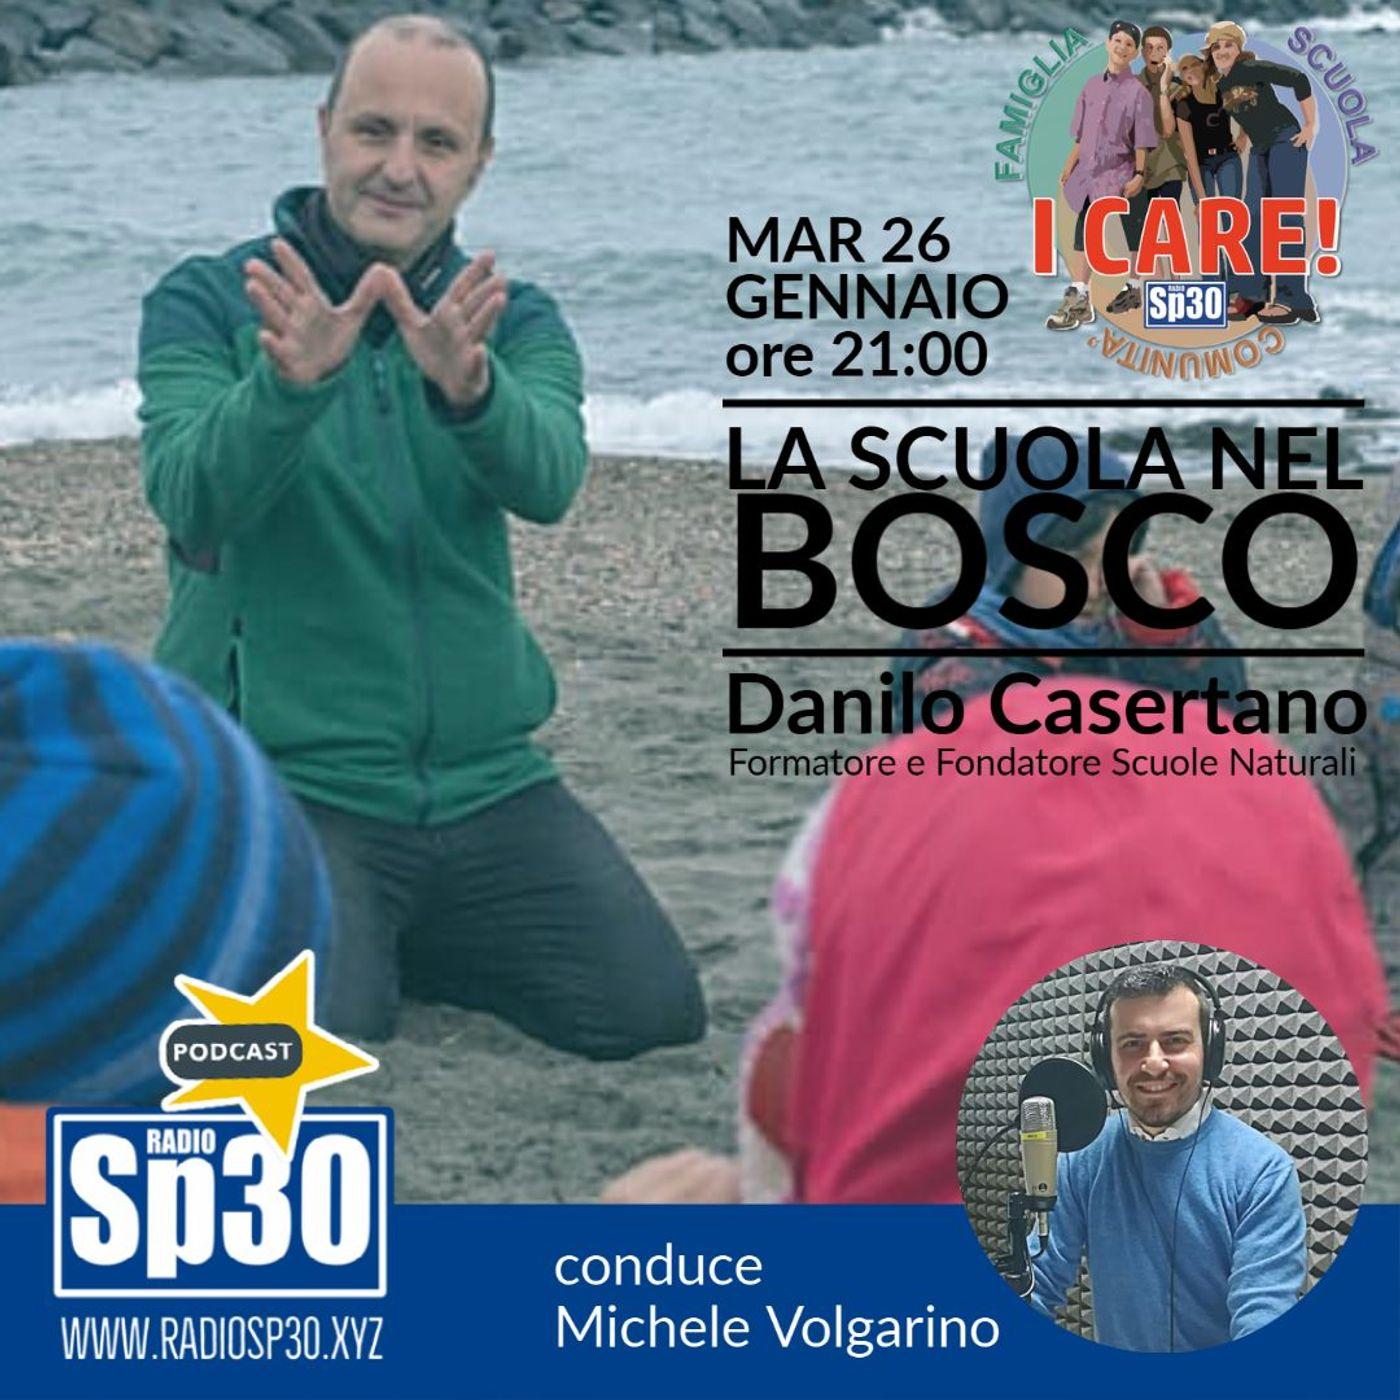 #ICARE - La scuola nel Bosco - Danilo Casertano